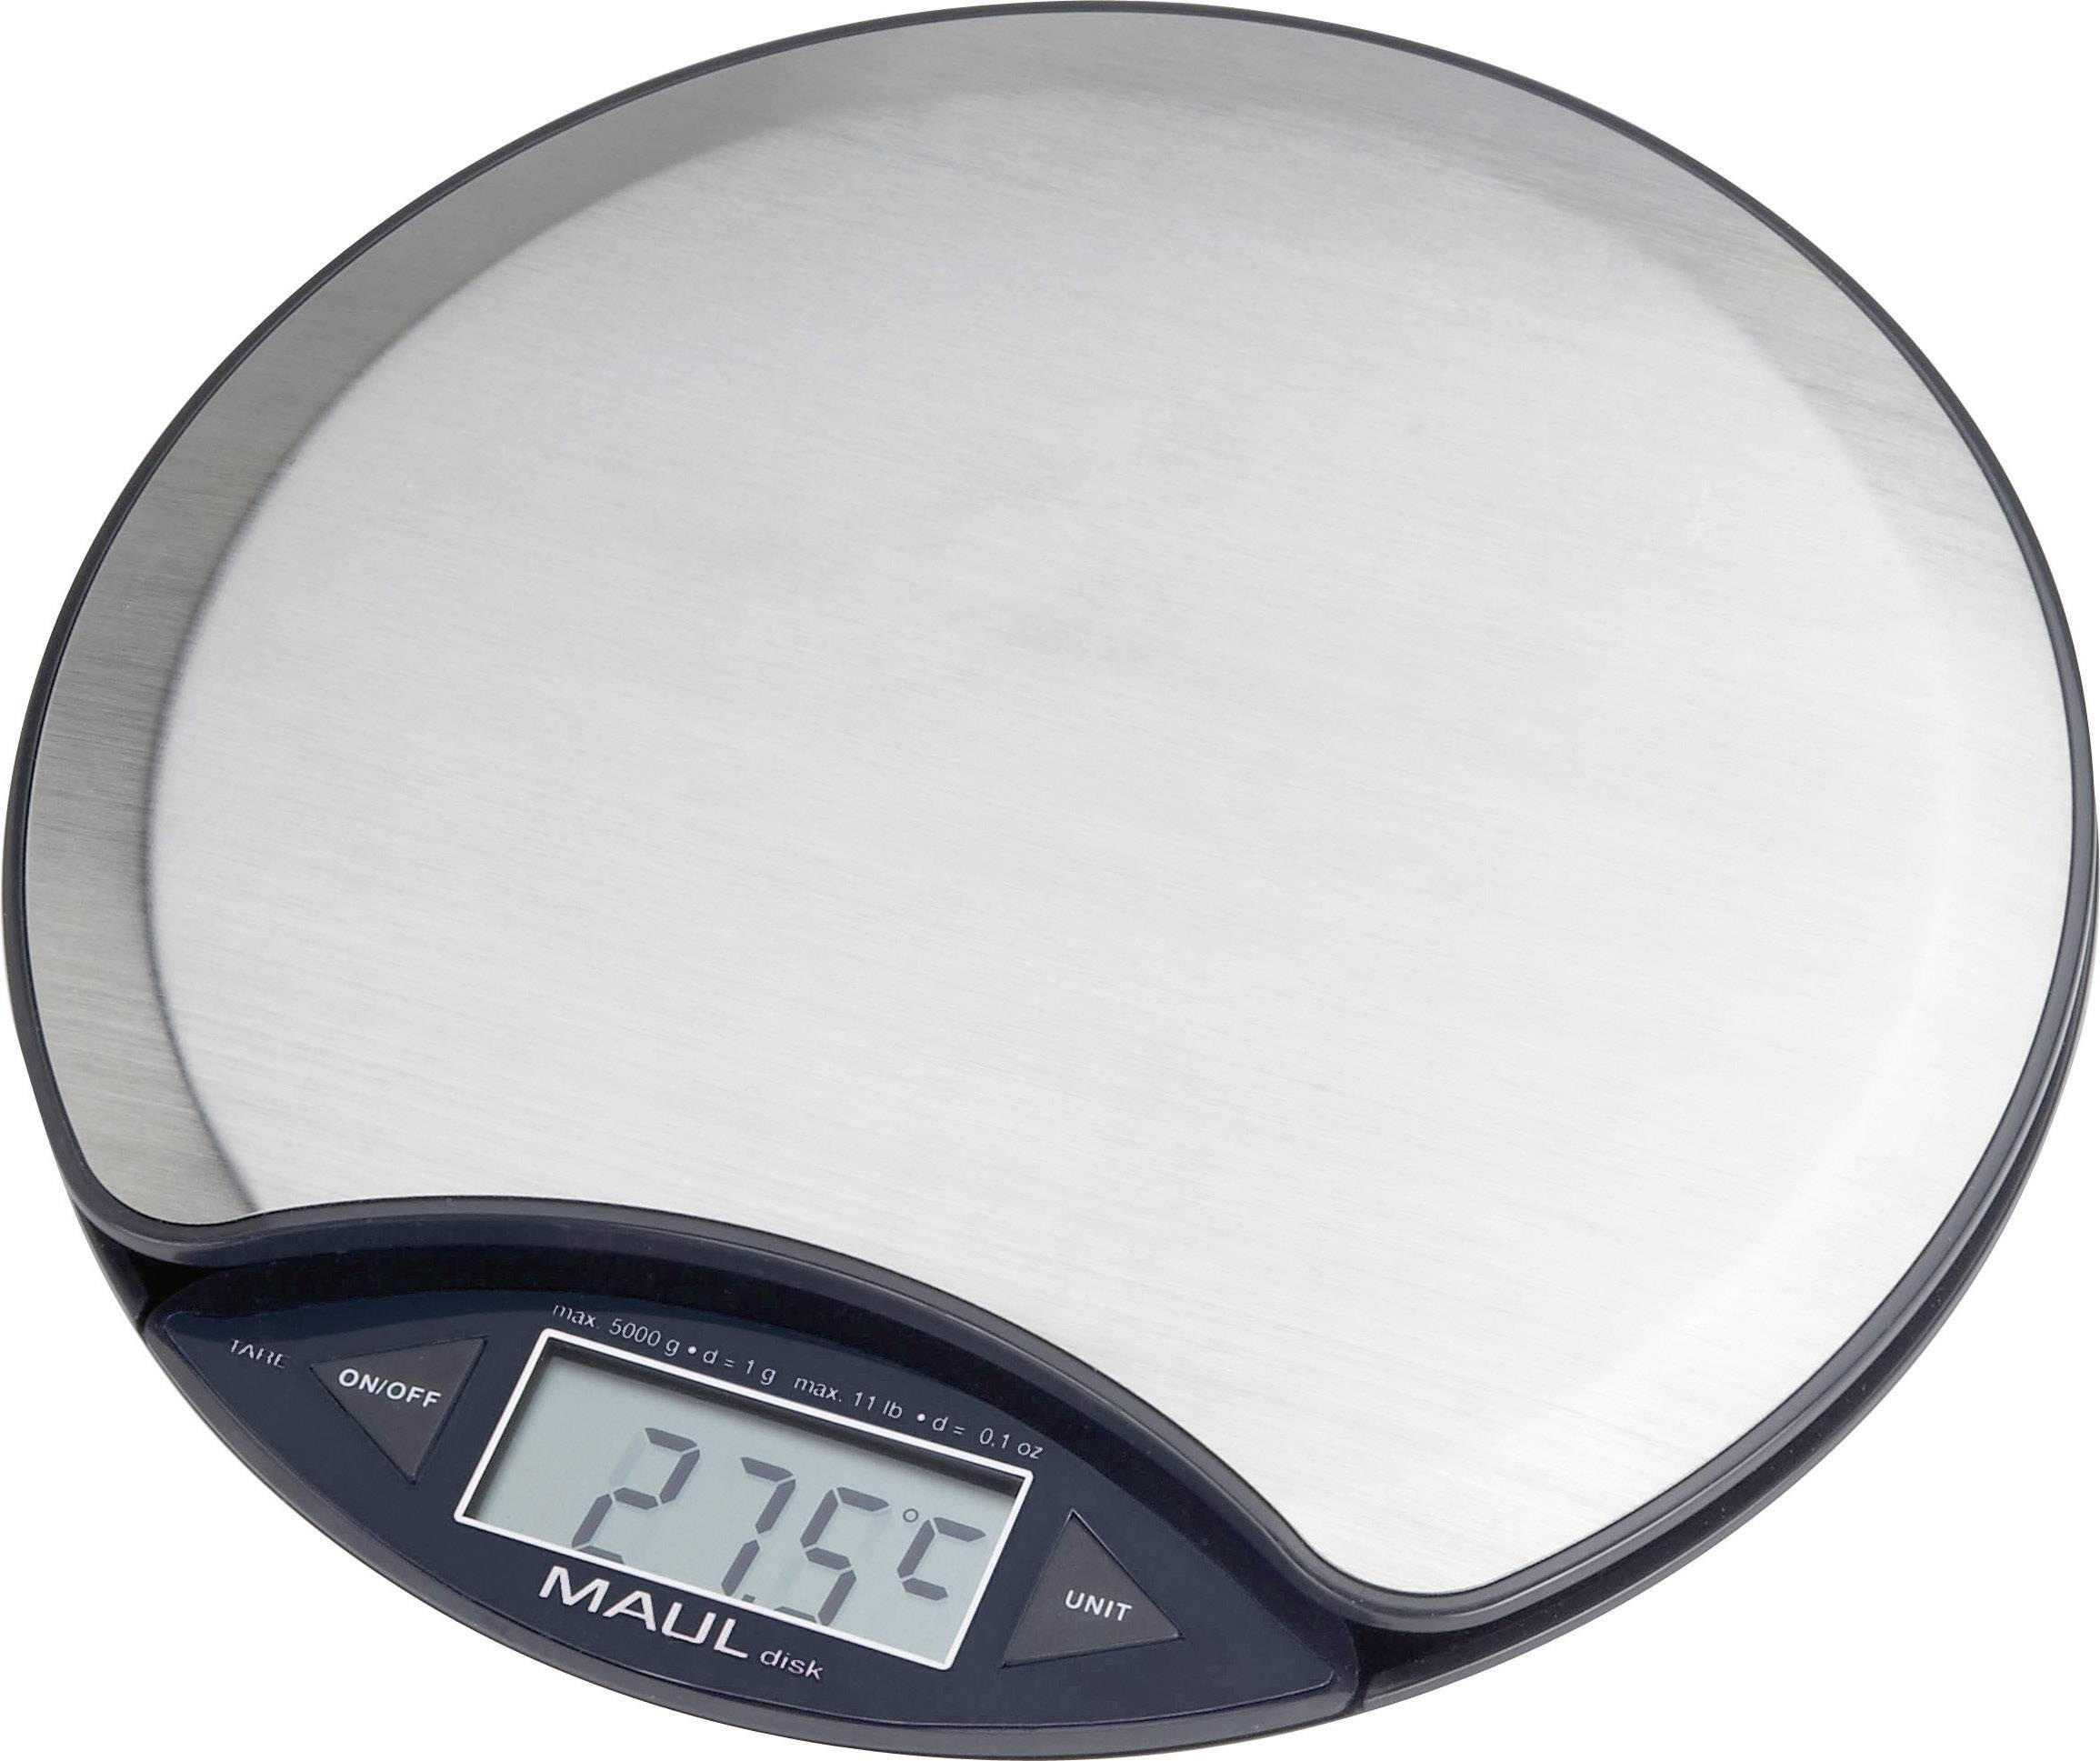 Stolní váha na dopisy Maul, 5 kg, kulatá, kalibrováno dle ISO